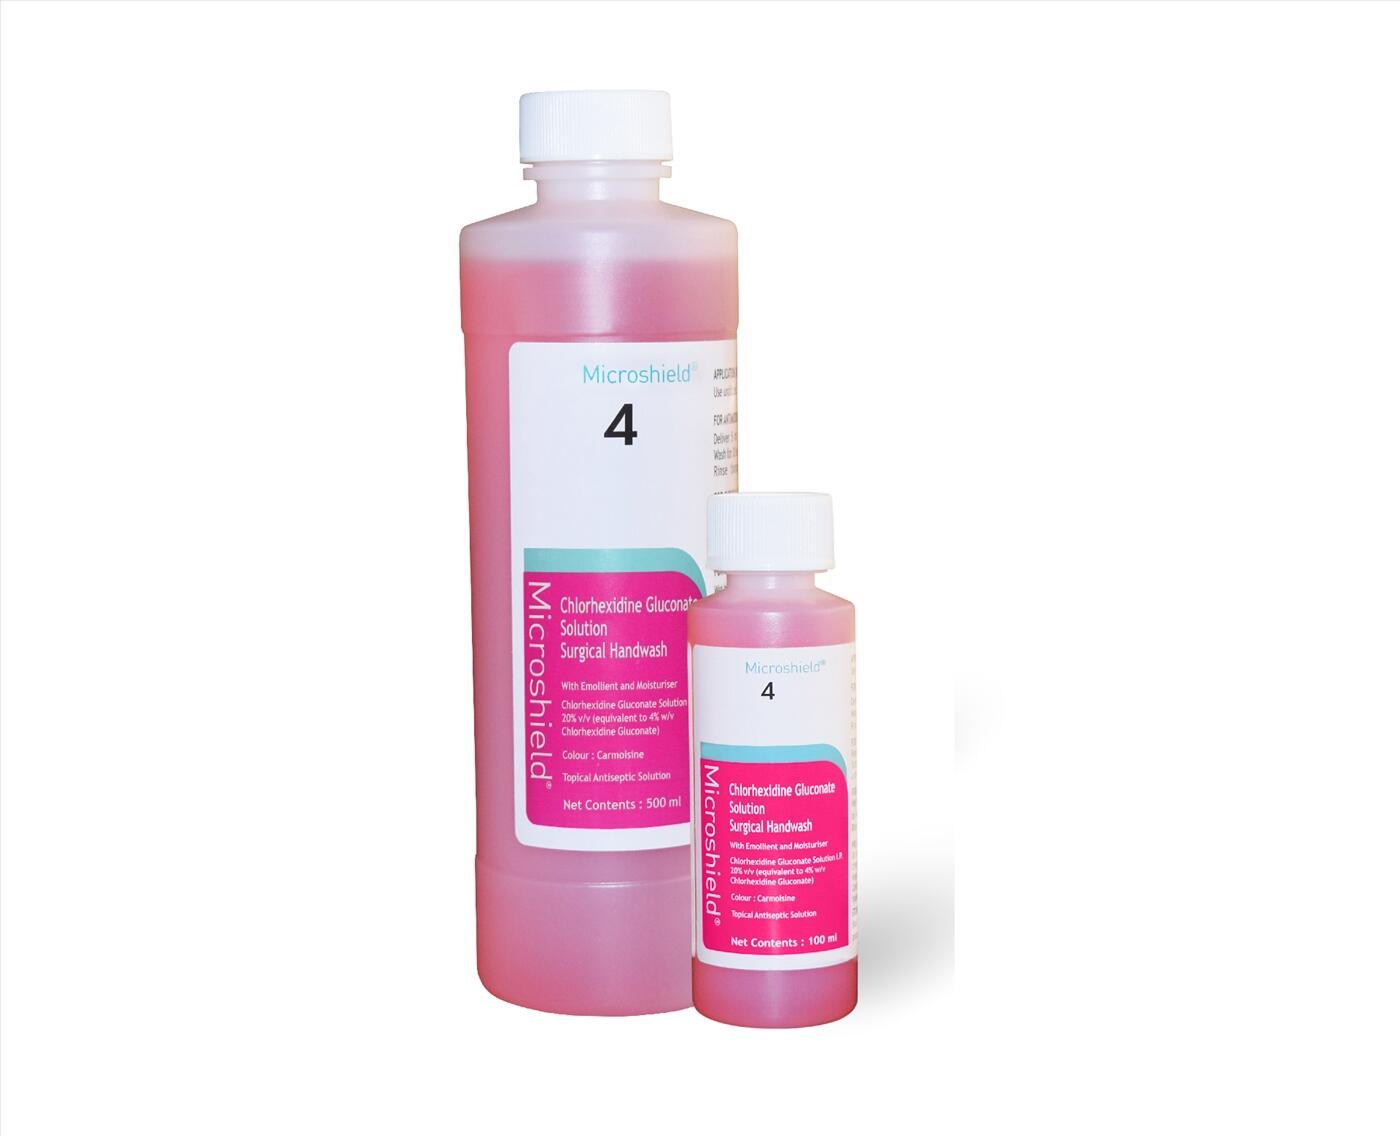 Dung dịch rửa tay phẫu thuật Microshield 4 Chlorhexidine Surgical Handwash 500 ml & 5 lít